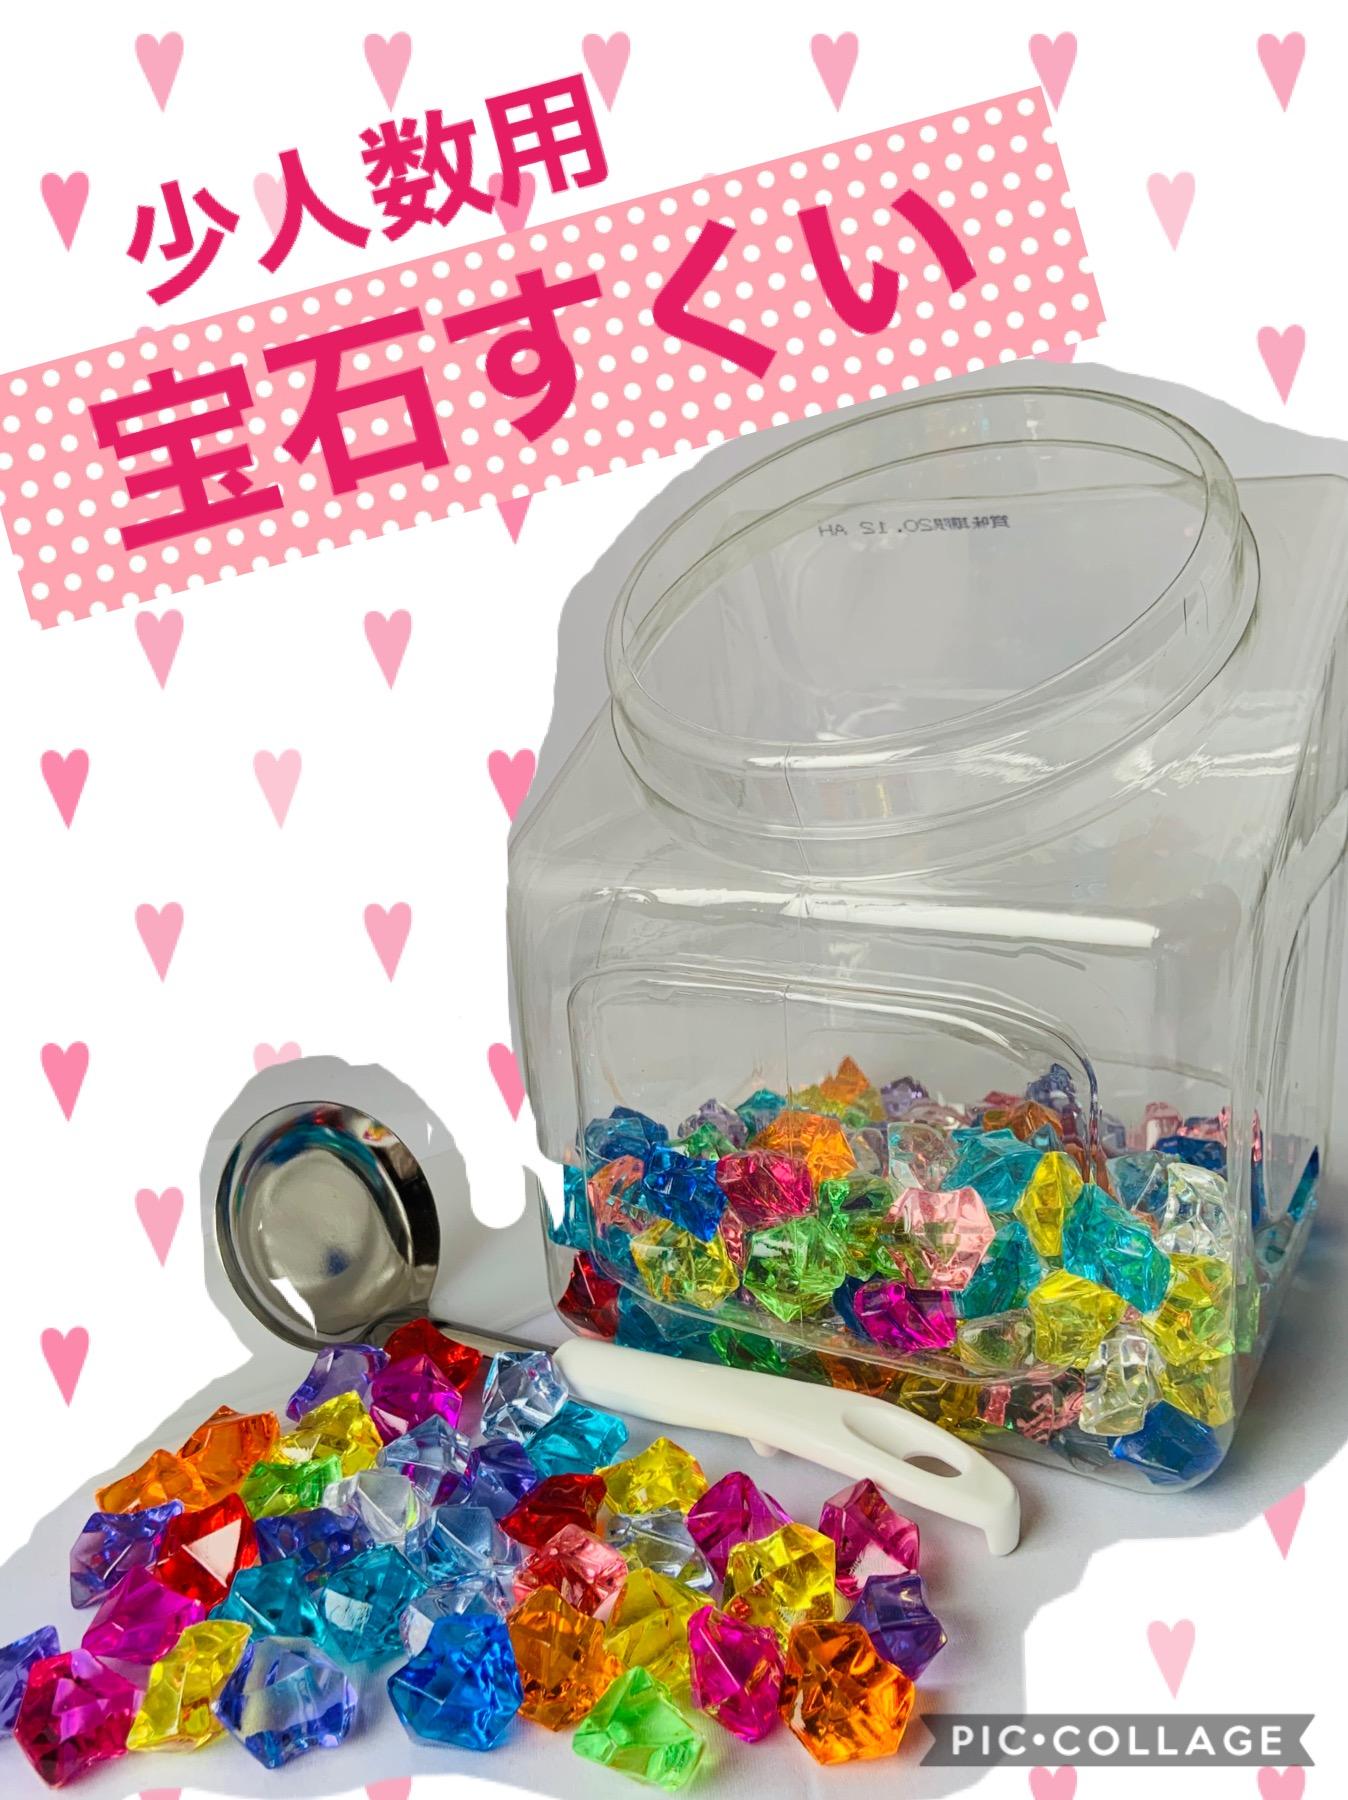 宝石すくいセット (15~20人セット)